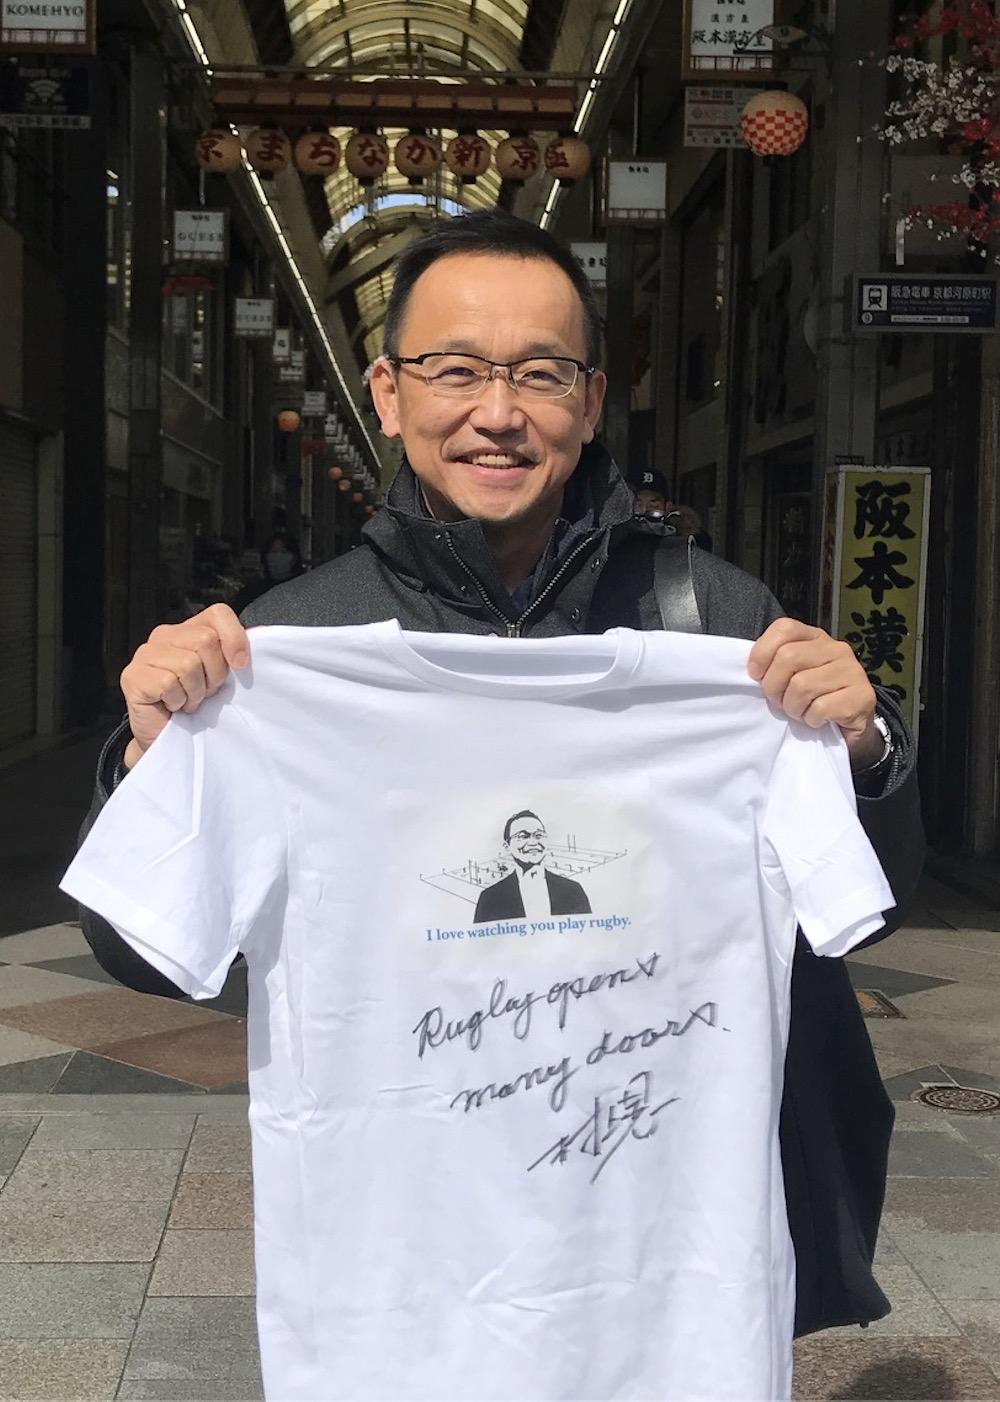 【公式】実使用・本人直筆サイン入り「オリジナルイラストTシャツ」村上 晃一